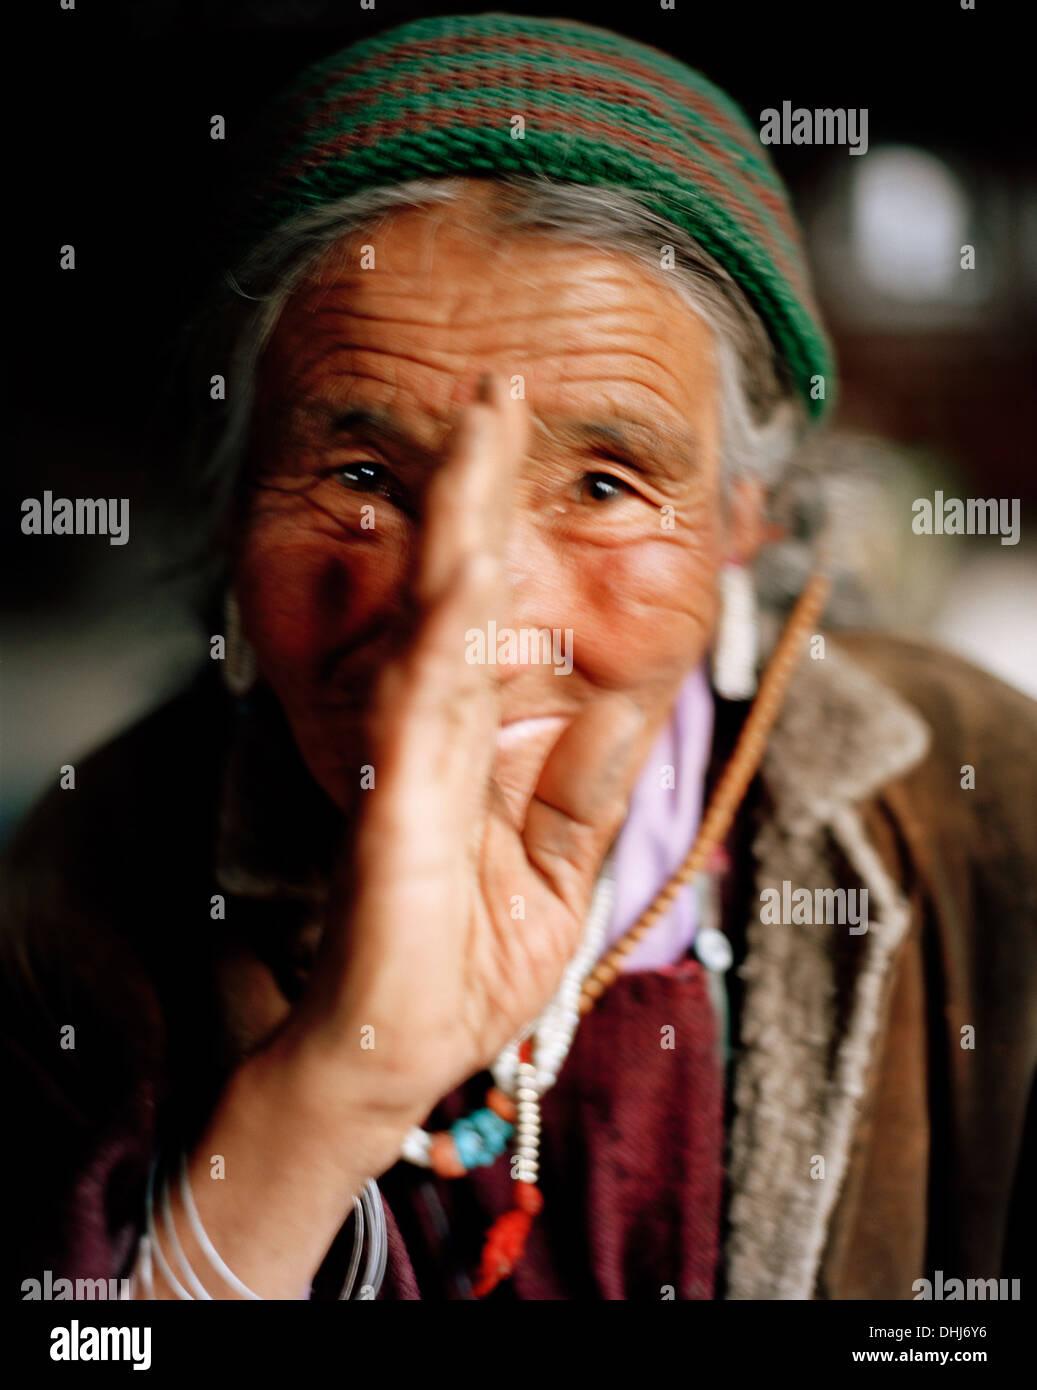 Ihre Landsfrau Gruß Julee, 72 Jahre alte Oma der Familie Tsemopa ...